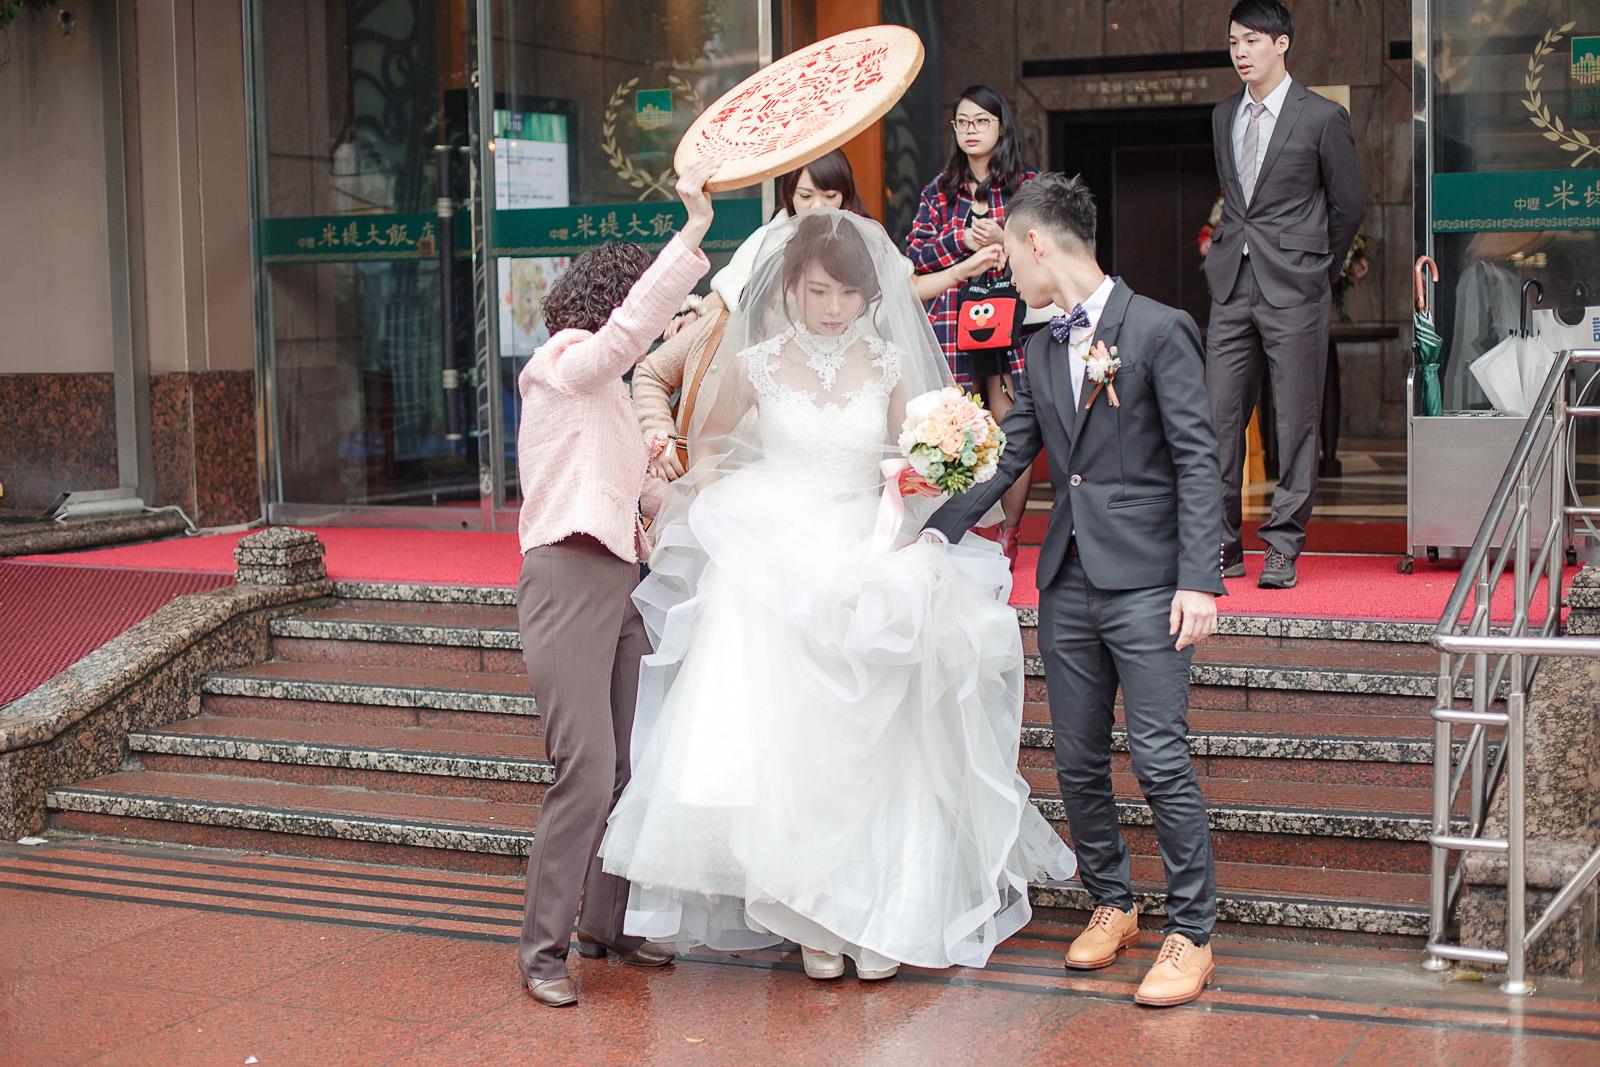 高雄圓山飯店,婚禮攝影,婚攝,高雄婚攝,優質婚攝推薦,Jen&Ethan-159